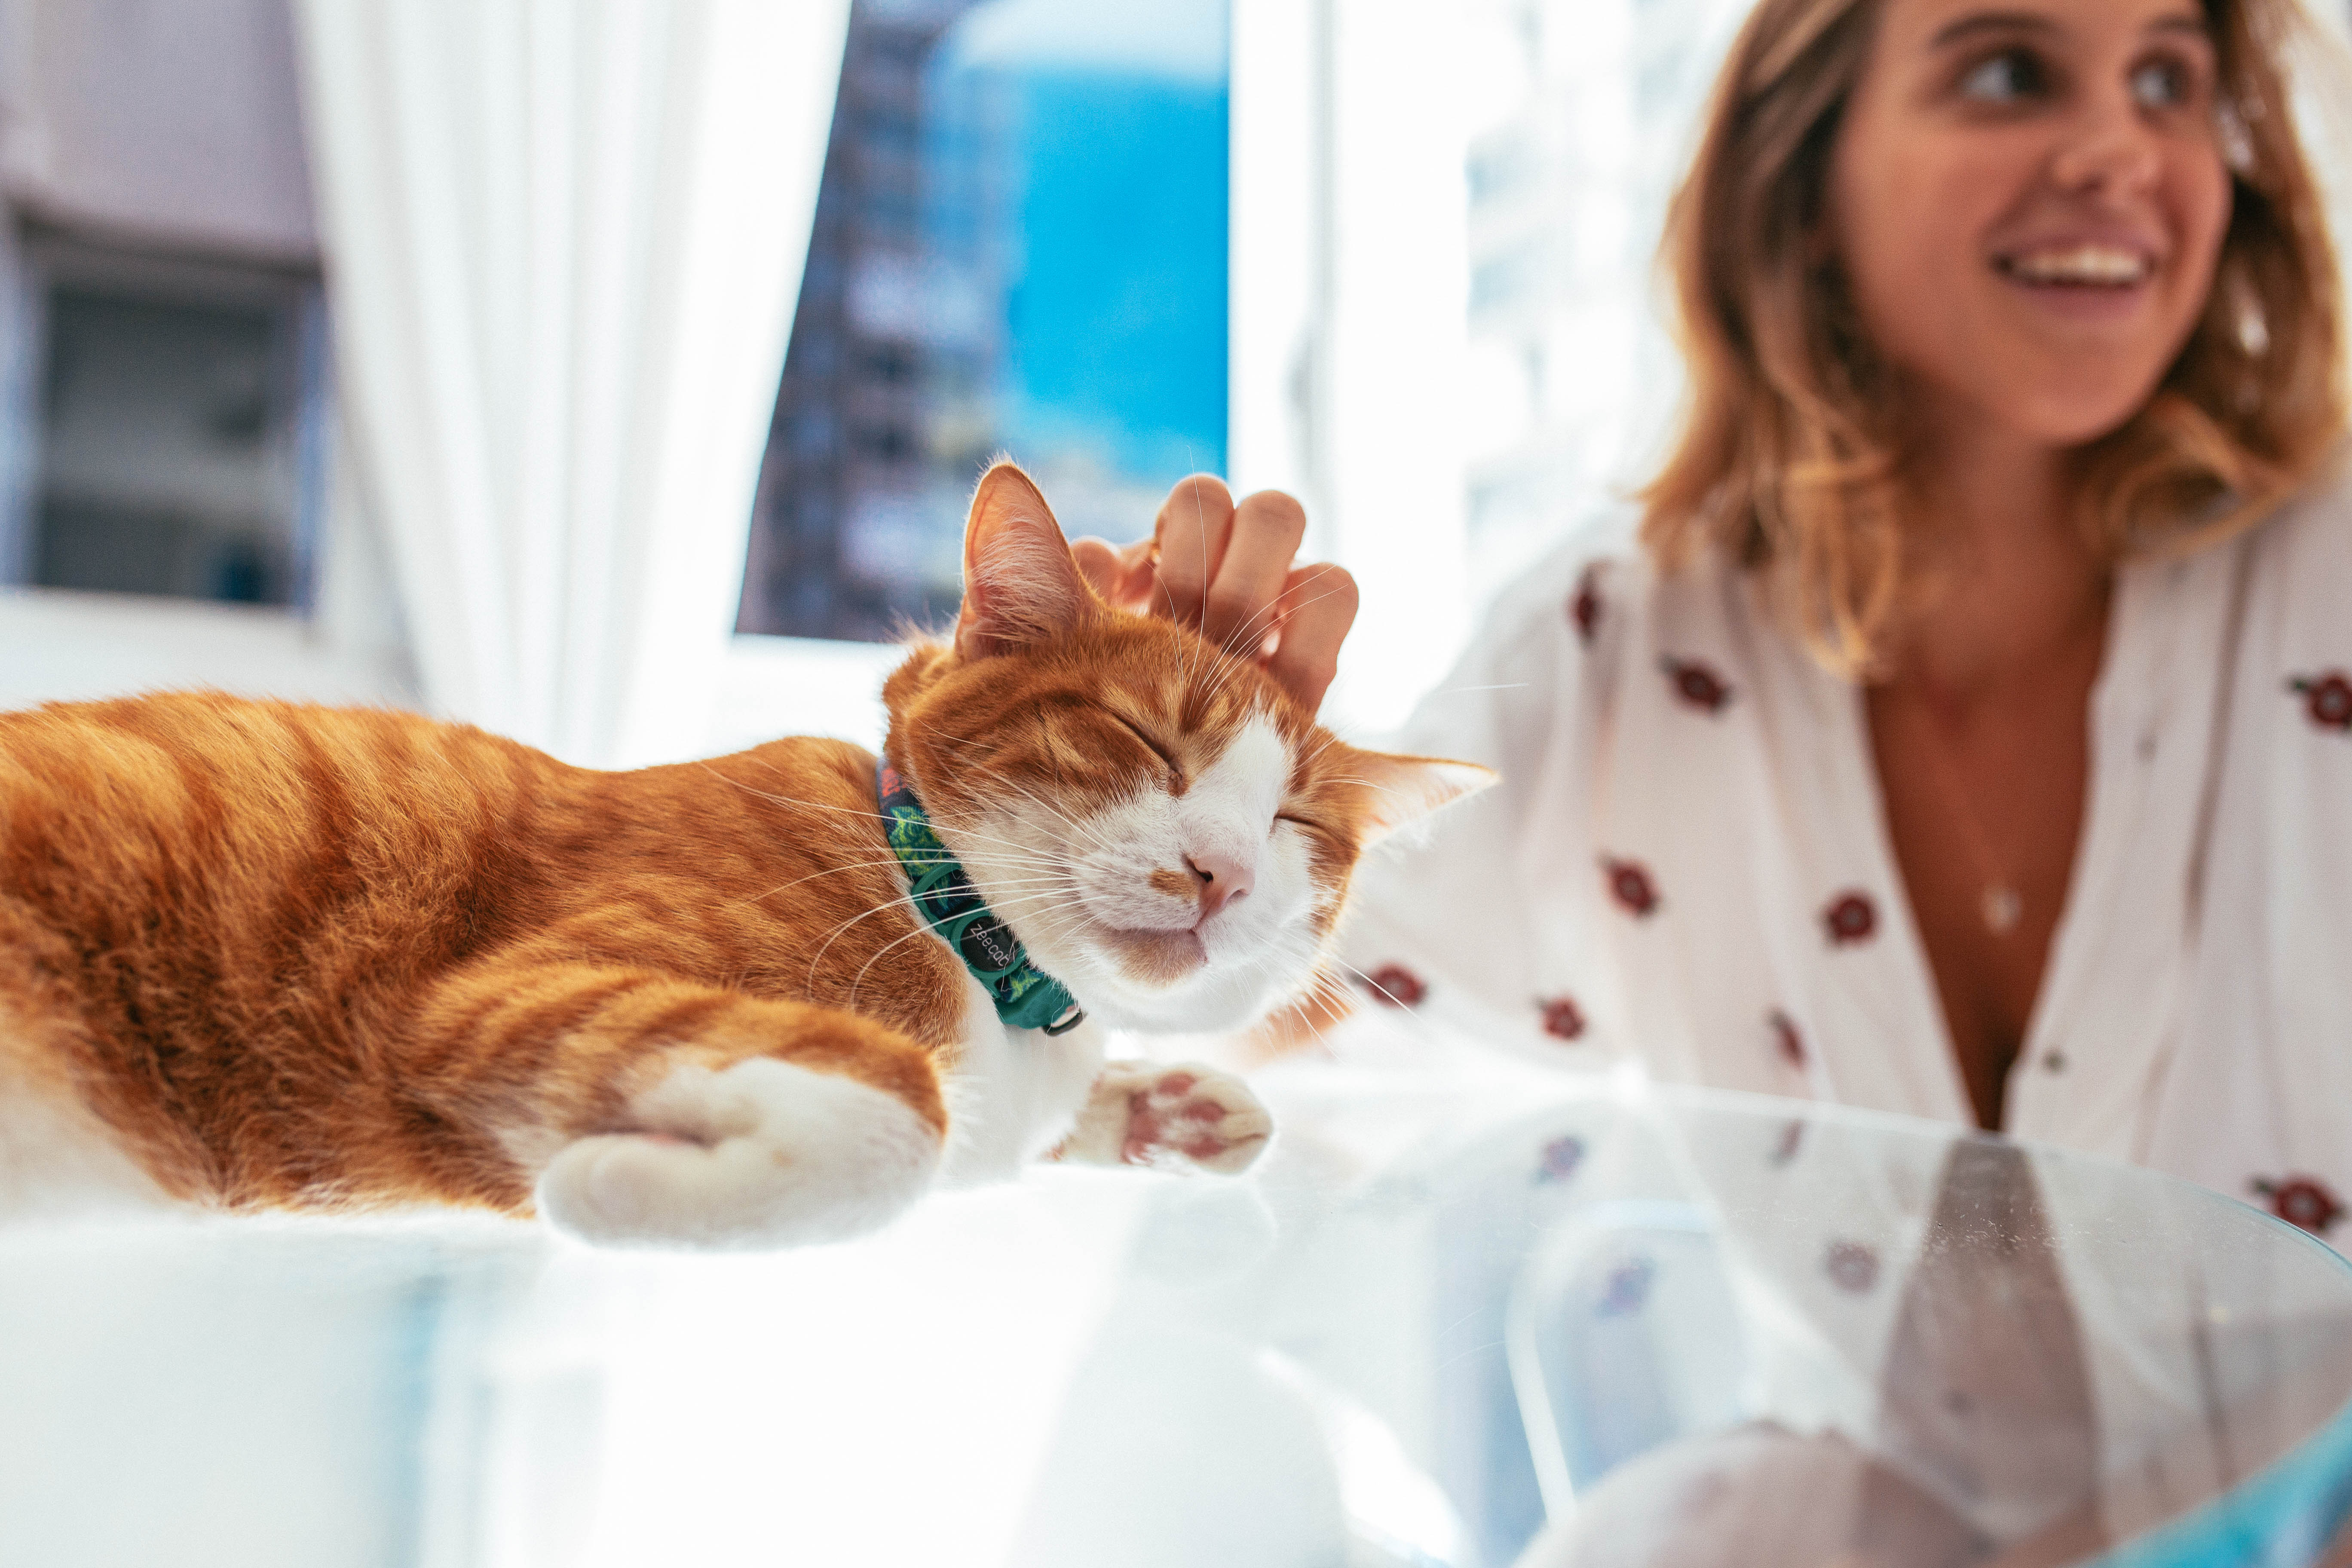 o-que-significa-o-ronronar-do-gato